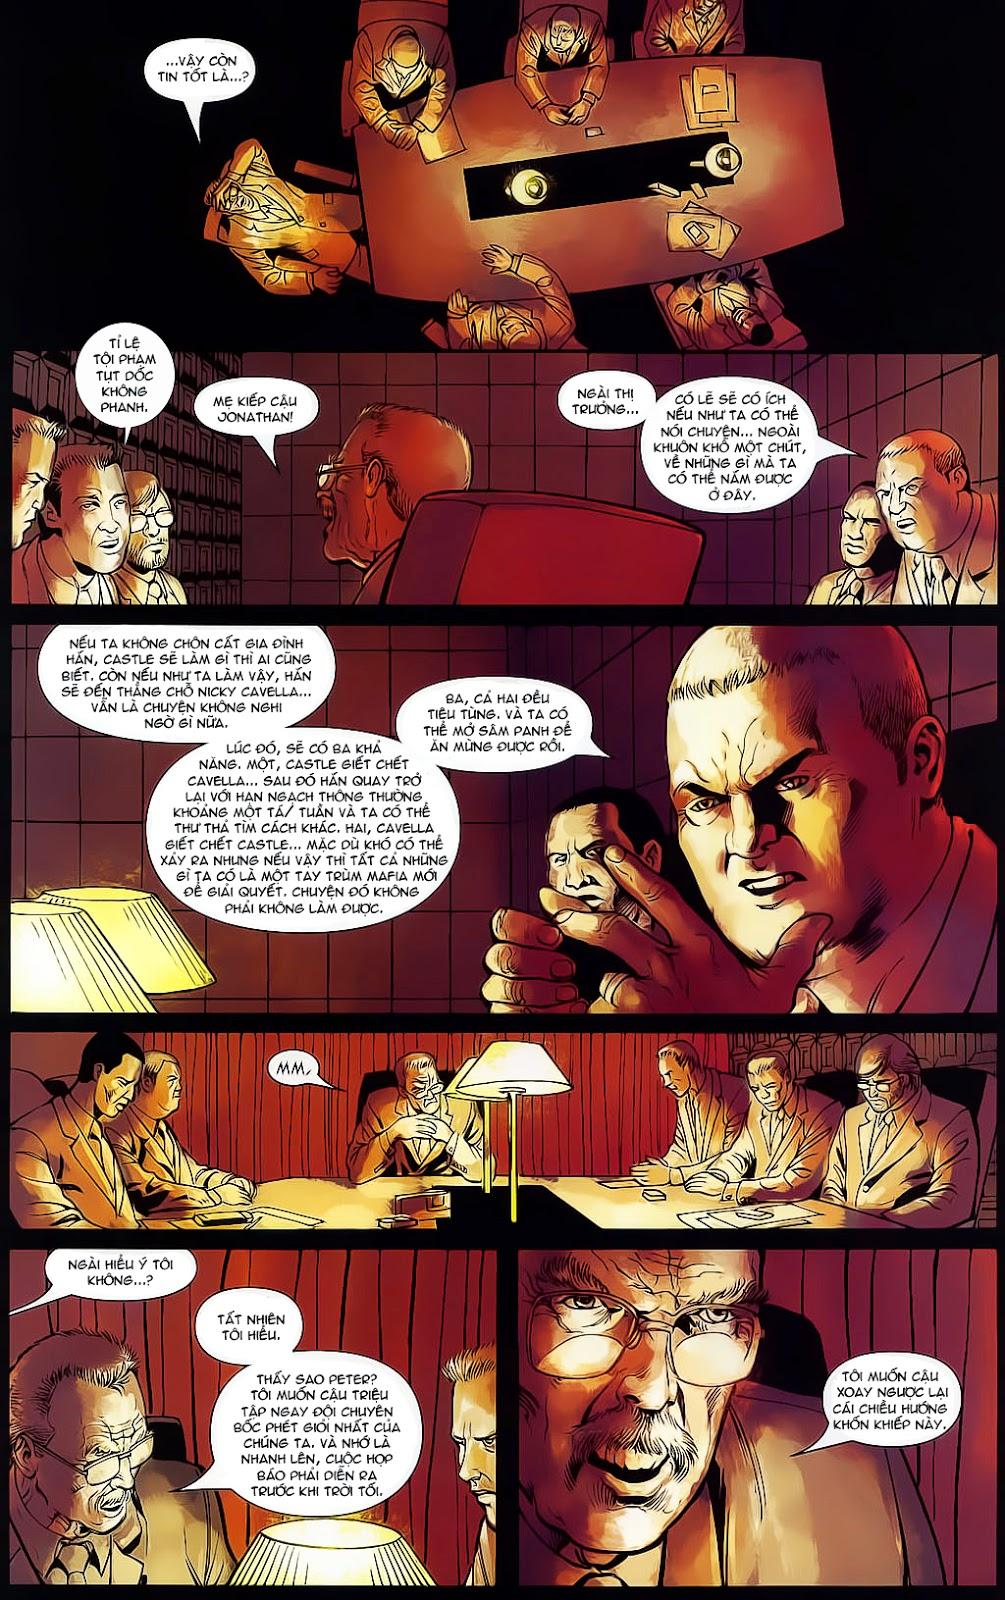 The Punisher: Trên là Dưới & Trắng là Đen chap 4 - Trang 15